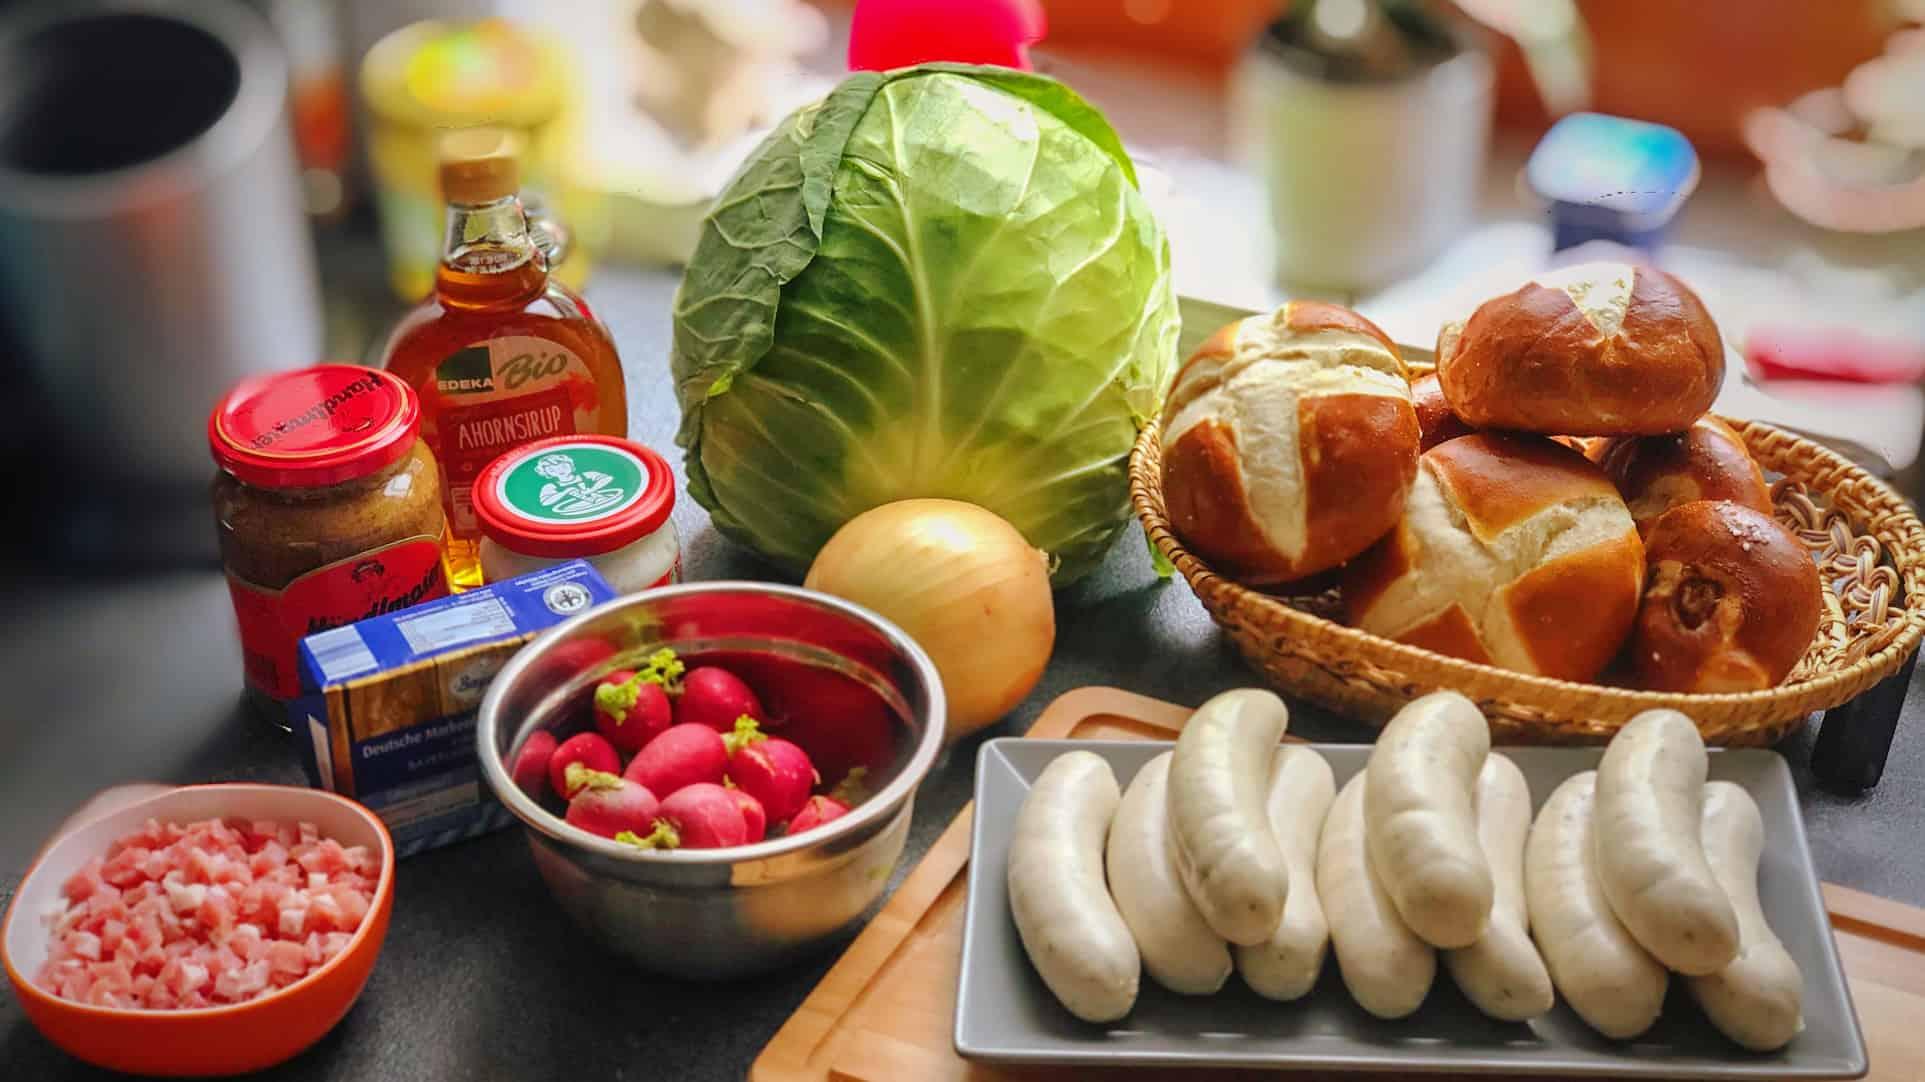 Die Zutaten für den Weisswurstburger mit bayrisch Kraut